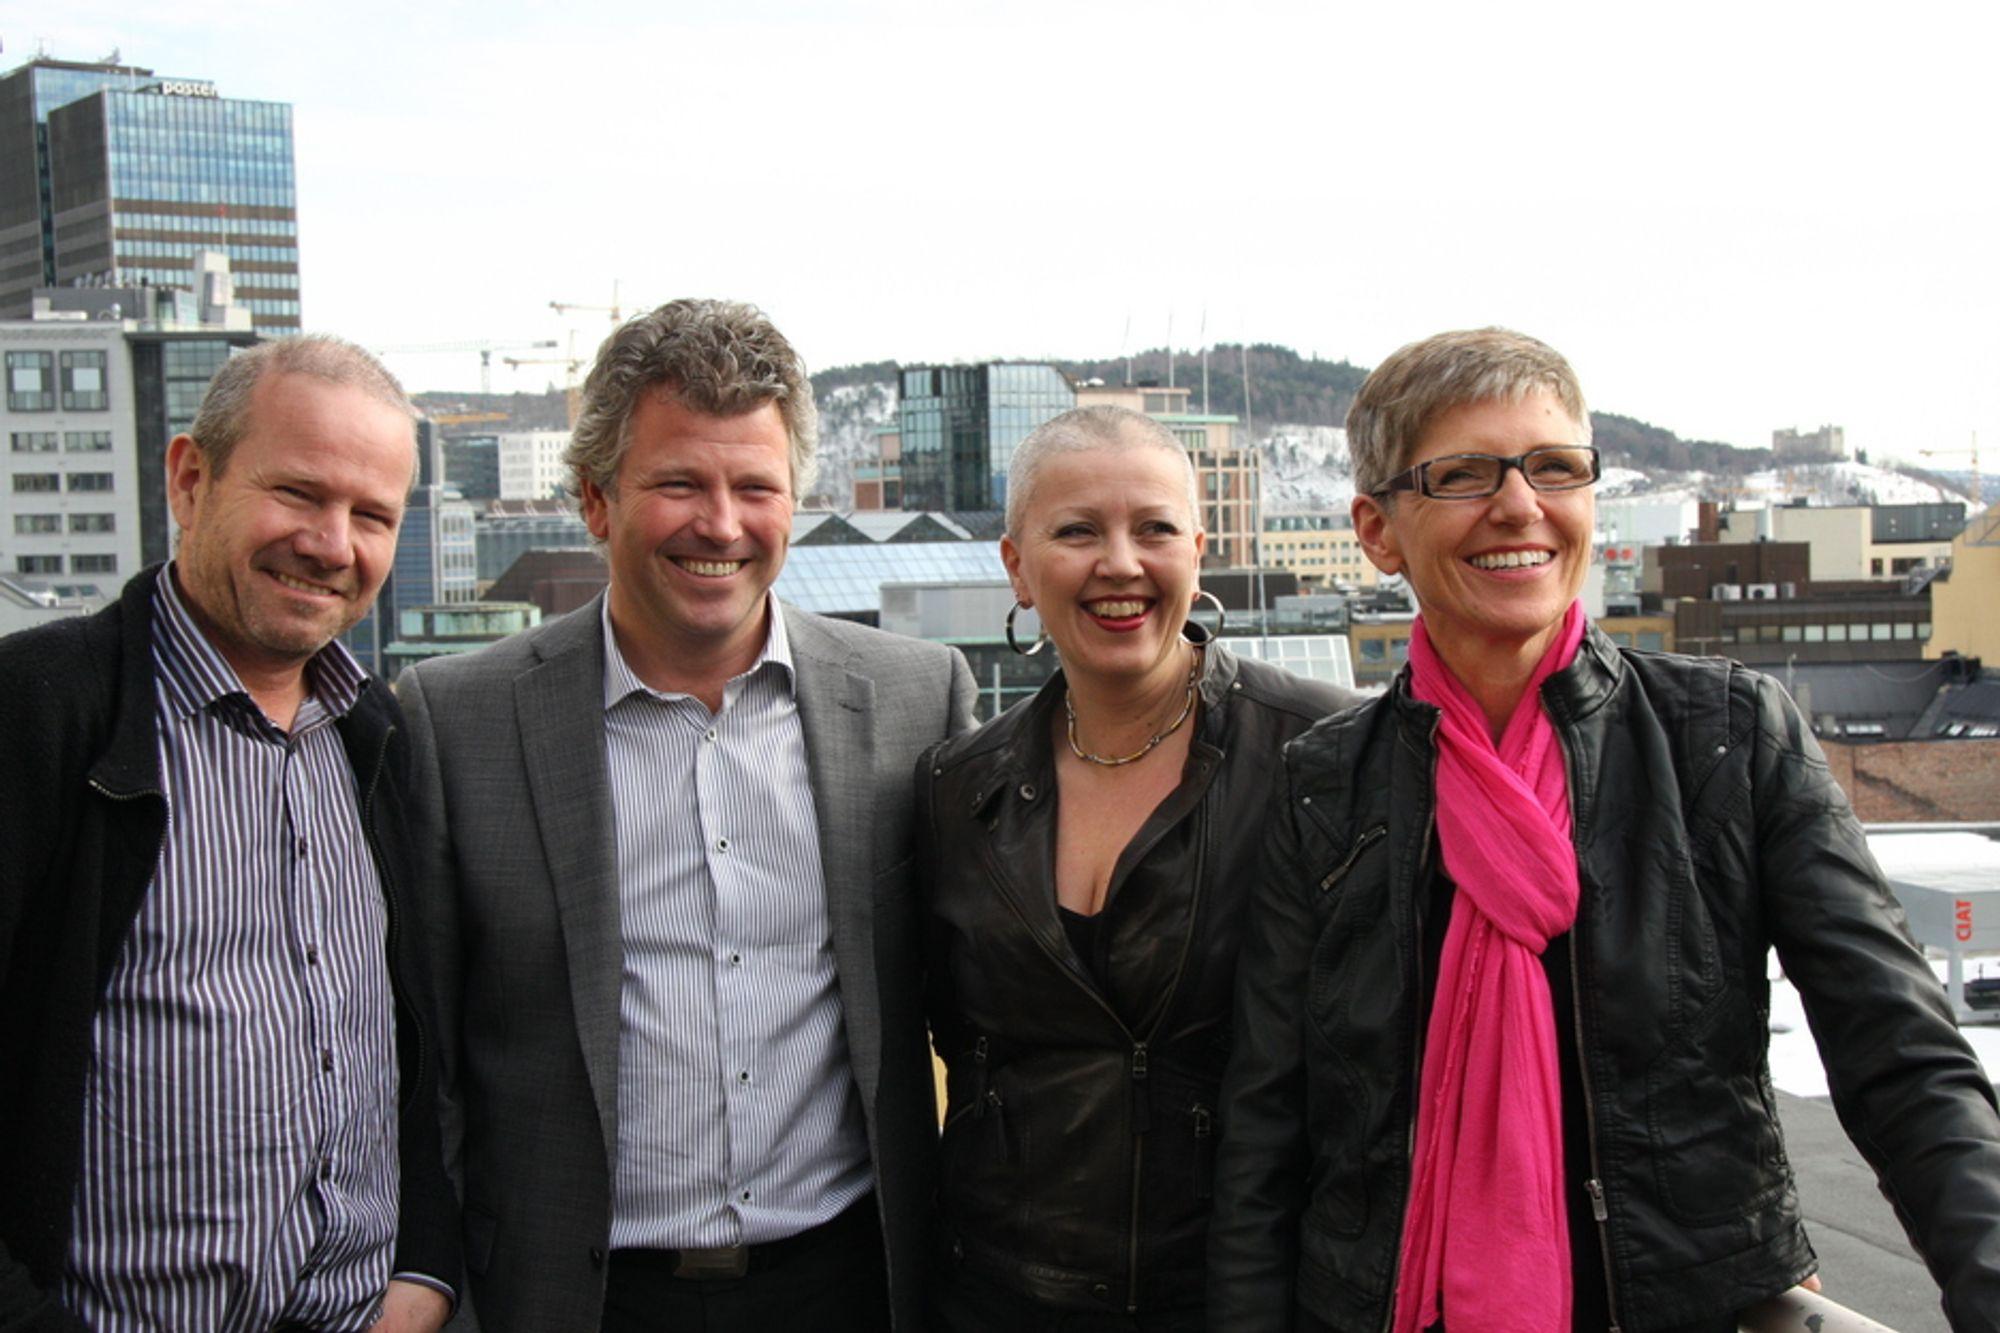 KNEKKER KODEN: For mange kommuner evner ikke å vedliekholde sine eiendommer. Nå er en veileder på plass, laget av denne gruppen. Fra venstre: Fredrik Horjen, Tor Espenes, Marrianne Stokkereit Aasen og prosjektleder Bjørg Totland.